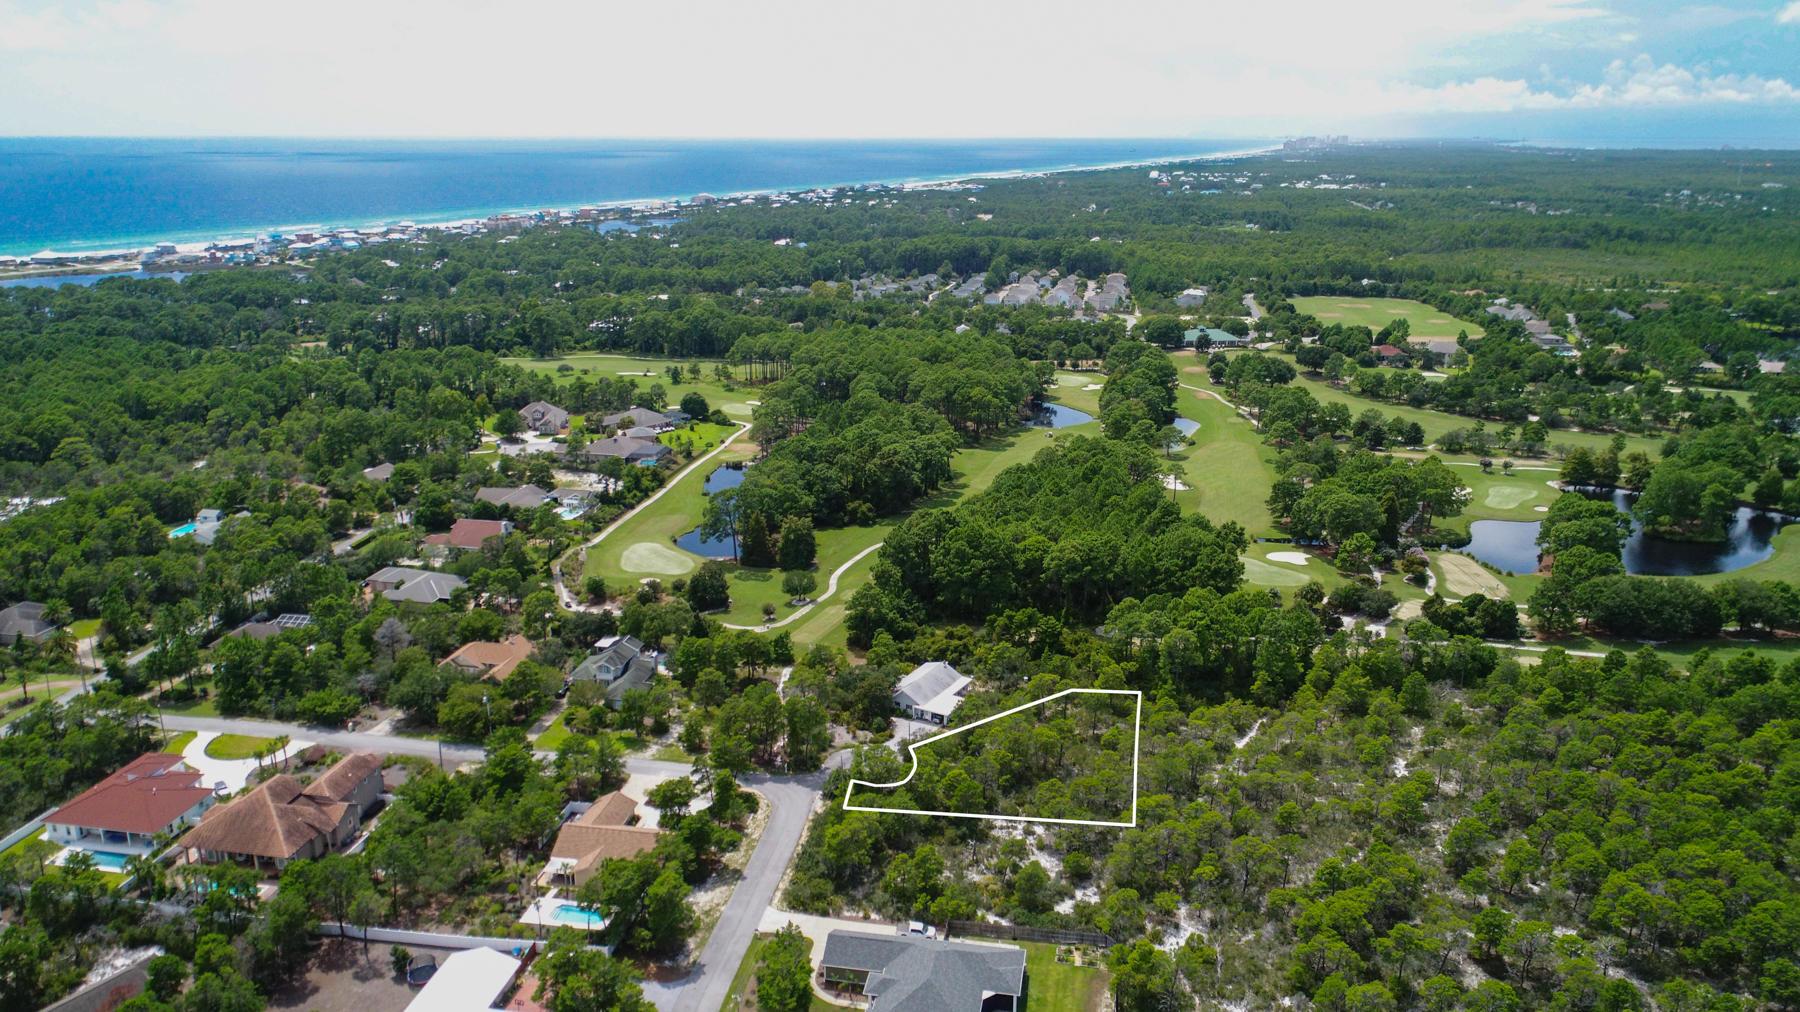 Lot 11 Lot 11 Blk B Ridge Rd, Santa Rosa Beach, FL, 32459